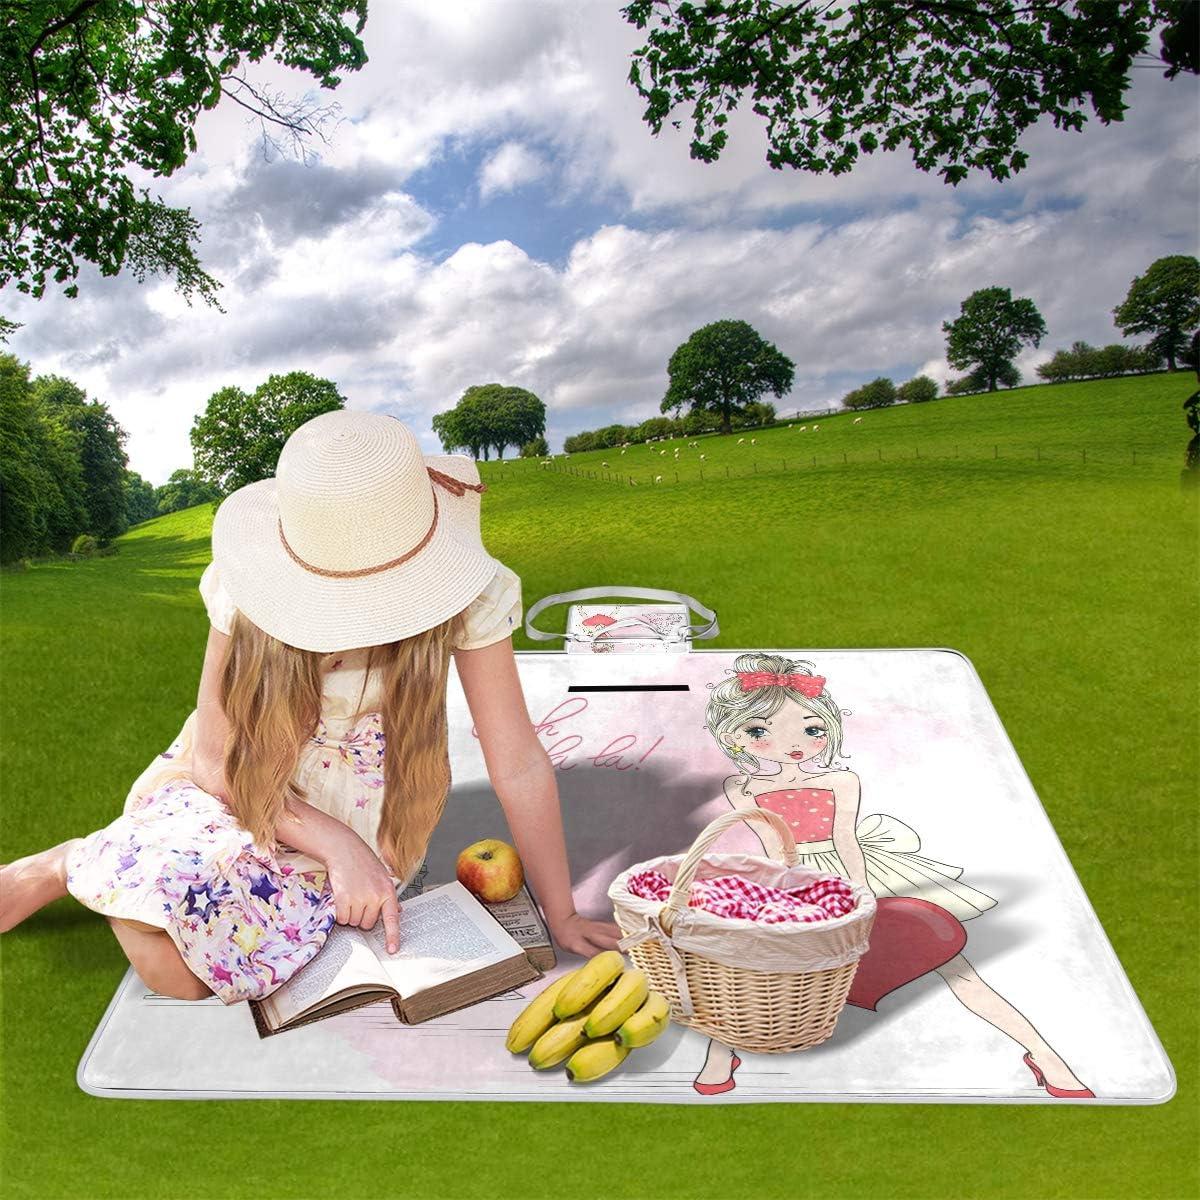 GEEVOSUN Couverture de Pique-Nique,Fille d'été Mignon Belle dessiné à la Main,Tapis Idéale pour Plage Jardin Parc Camping,145 * 150cm 9